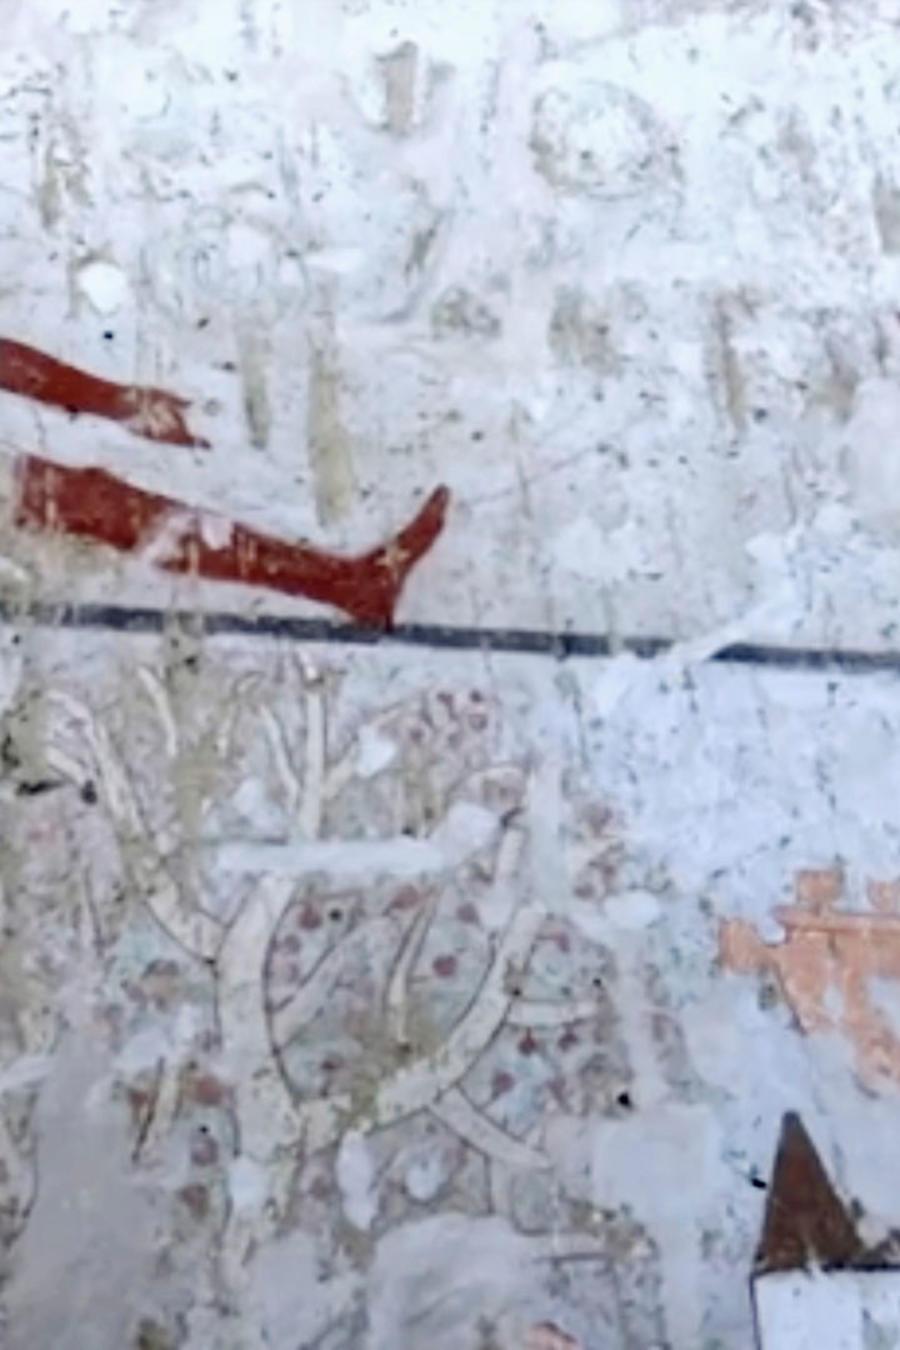 Detalle de una de las pinturas murales halladas en la tumba